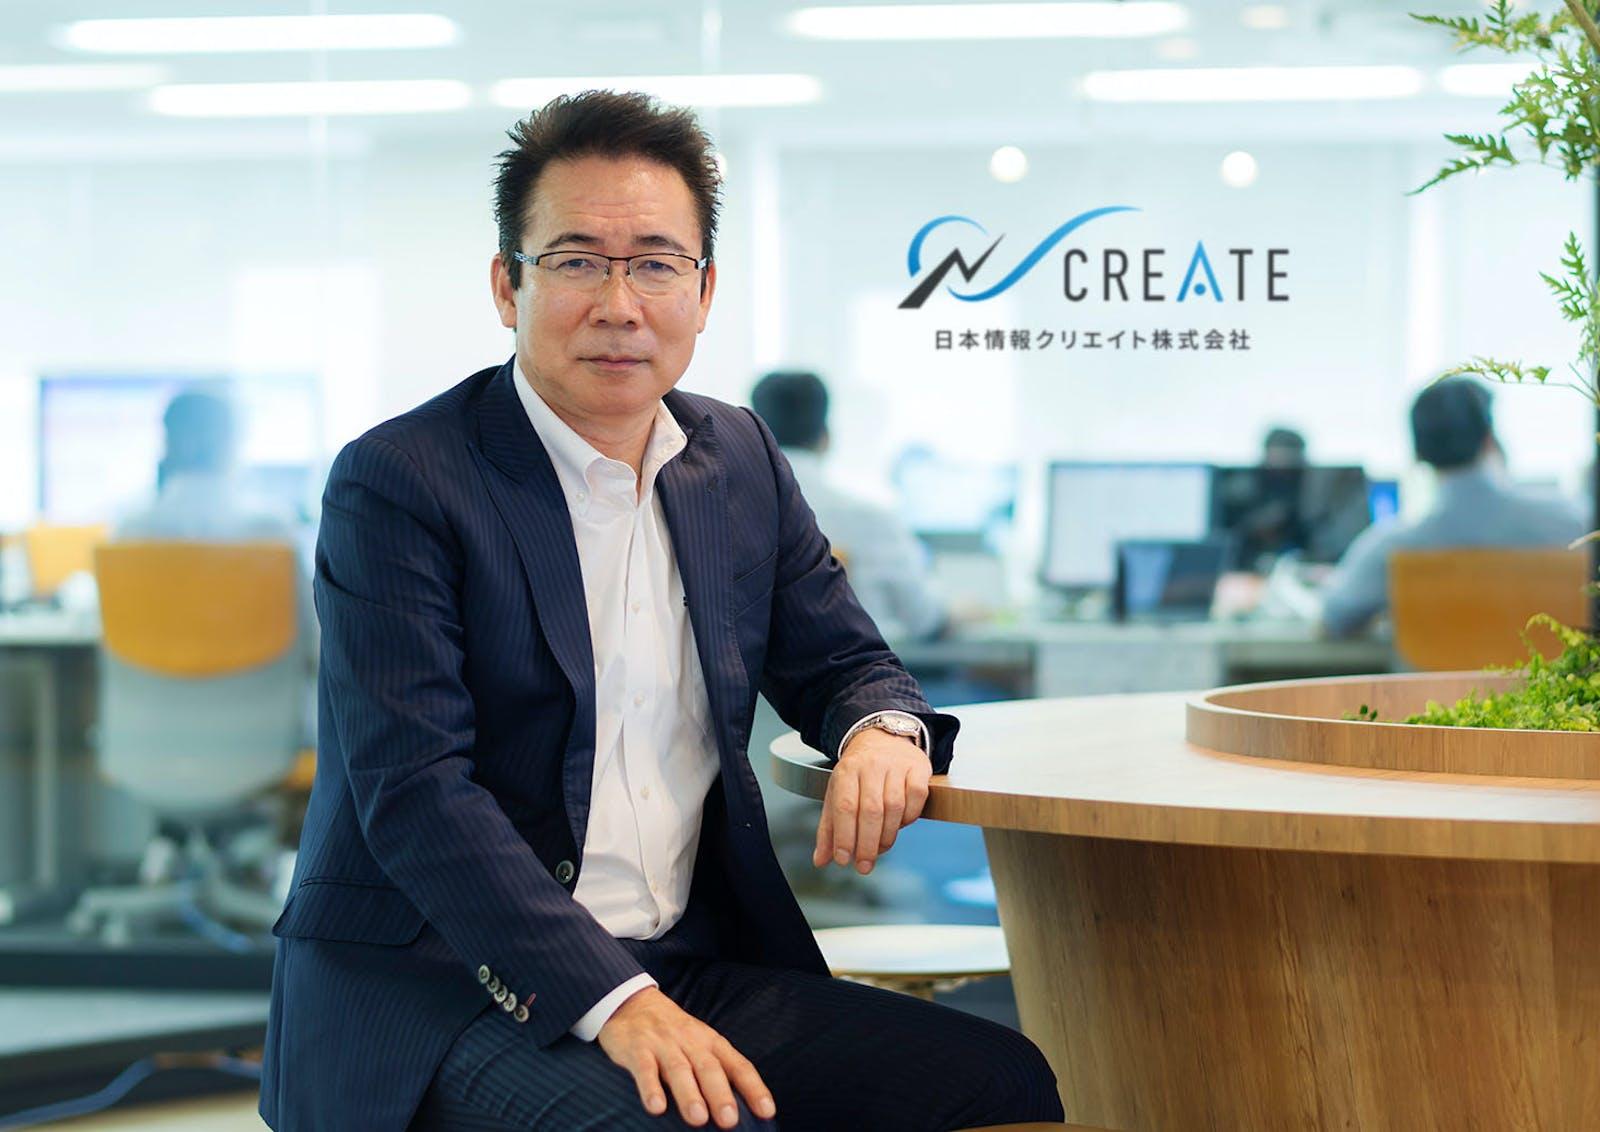 日本情報クリエイト株式会社のアイキャッチ画像